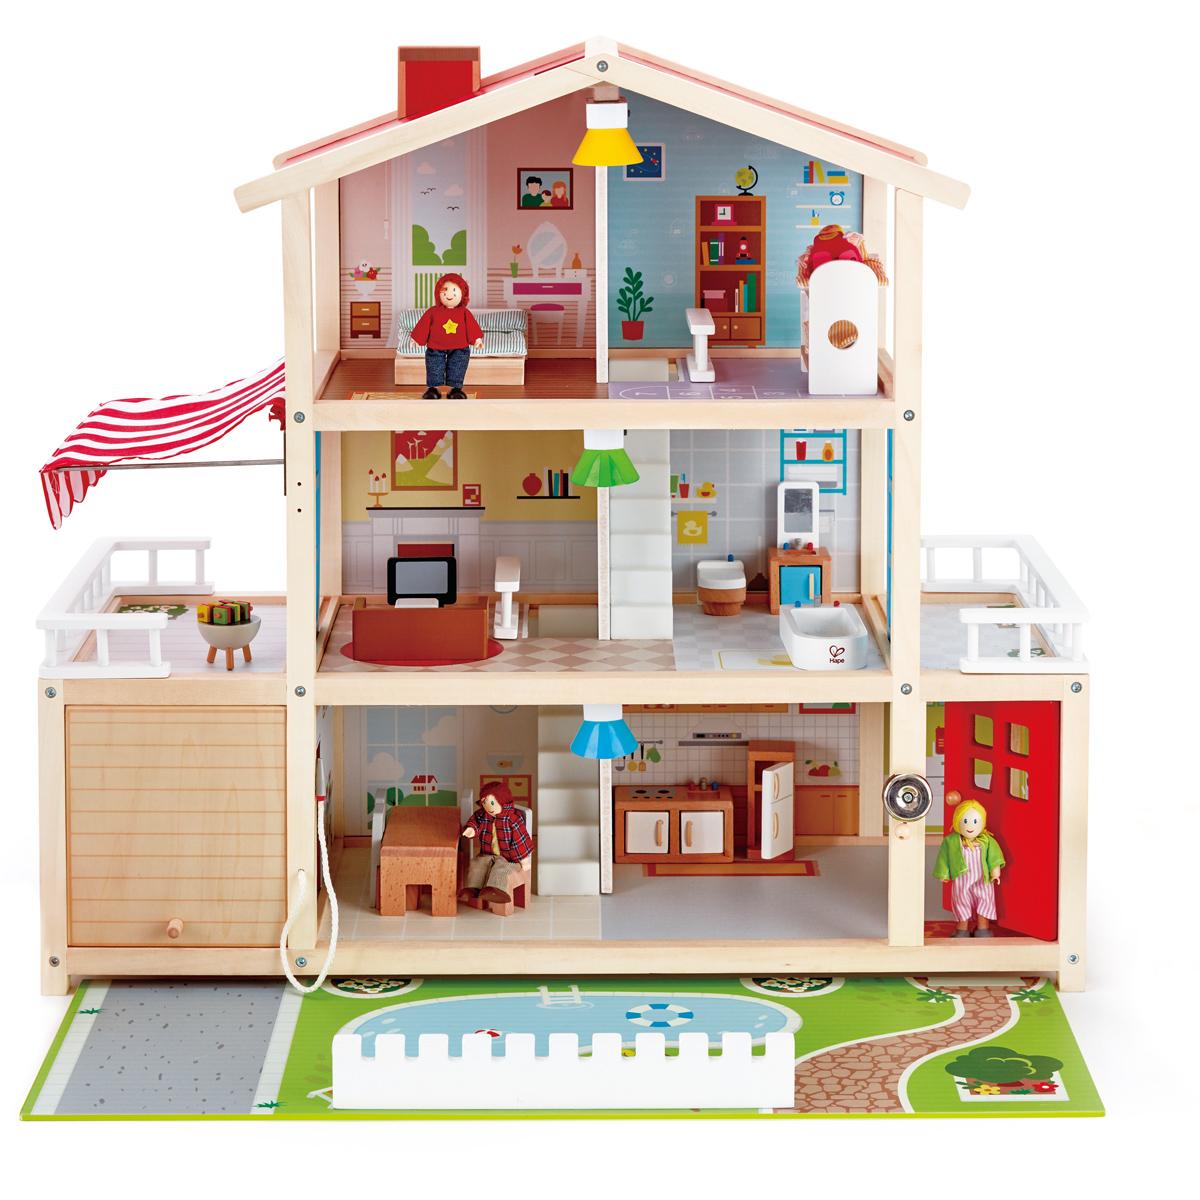 Hape Casa de muñecas - E3405 - pirum